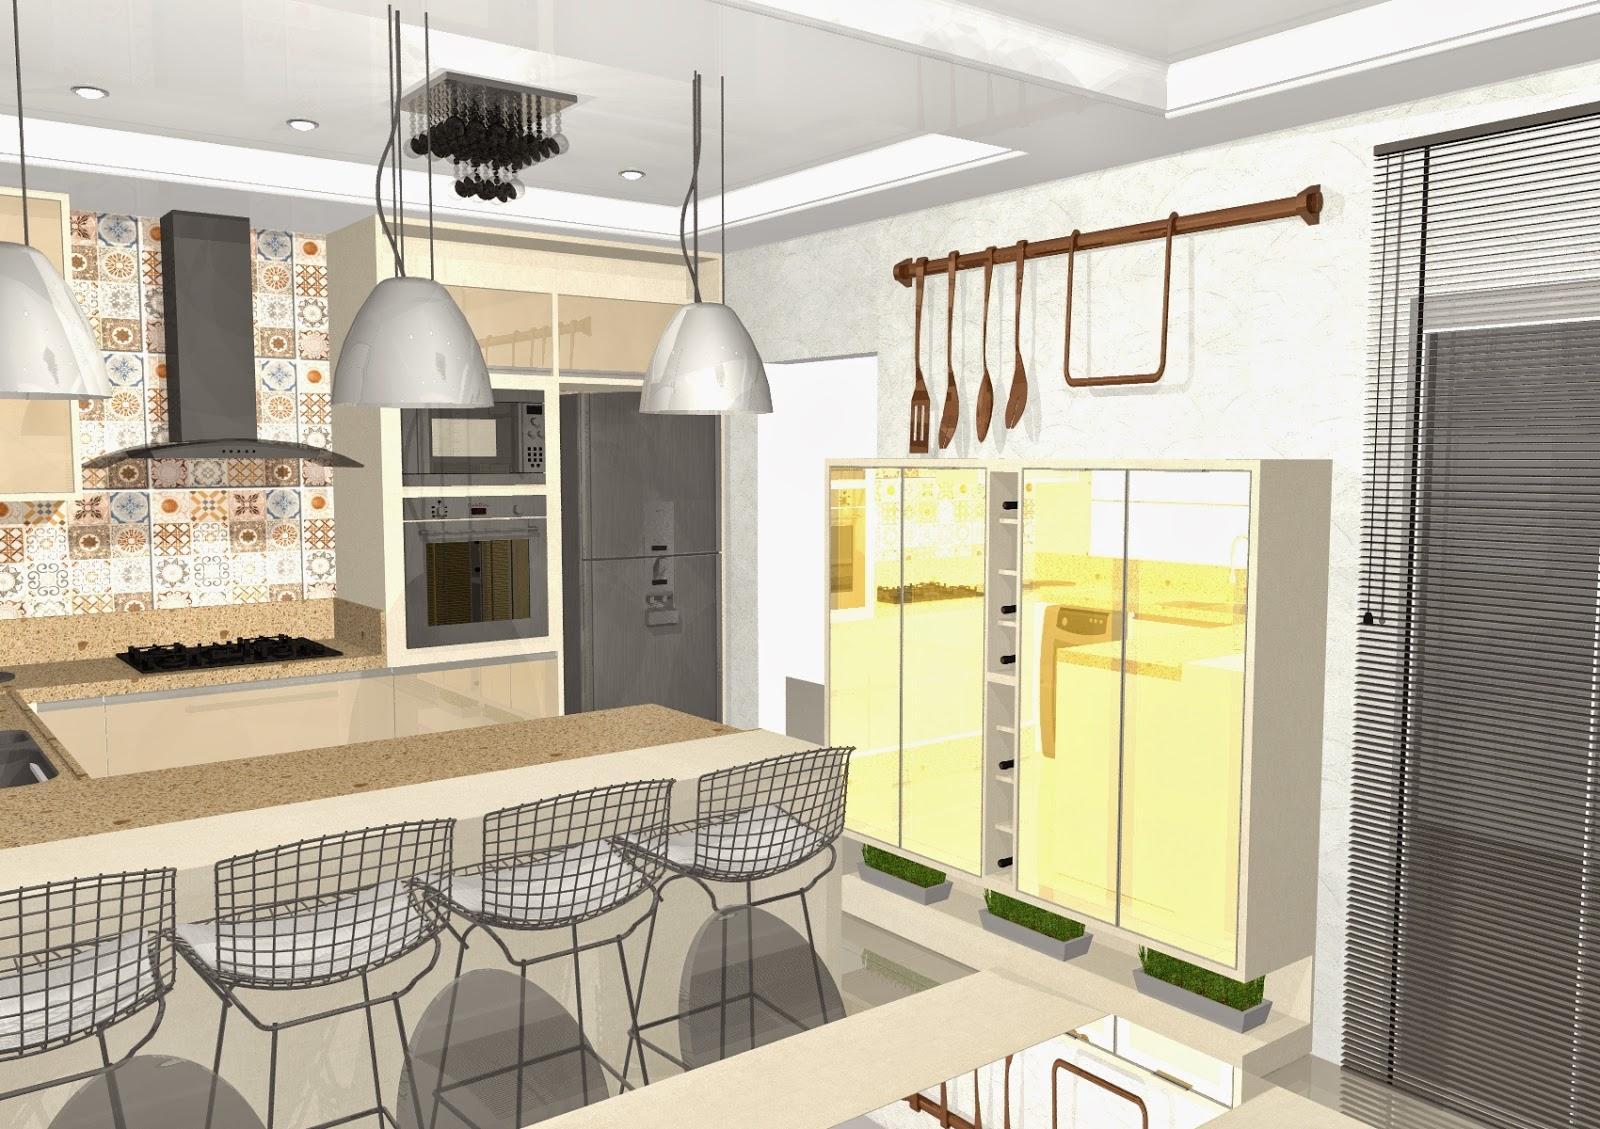 Projeto Para Constru O De Cozinha Industrial Pmscrapbooking Com